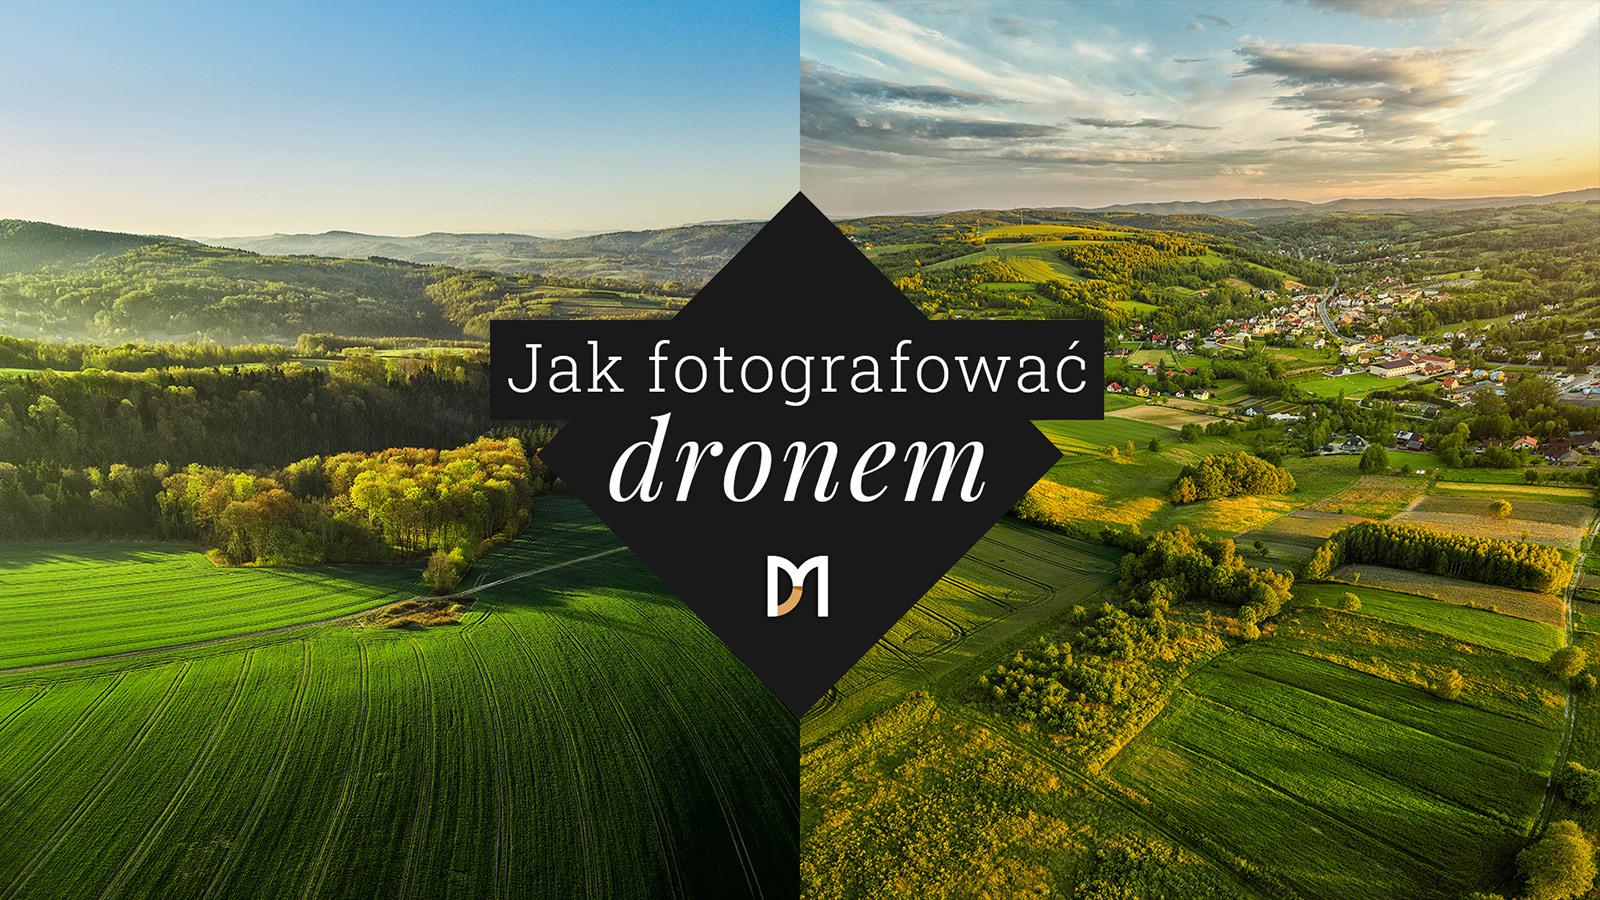 Jak fotografować dronem krajobrazy - Szkolenie online